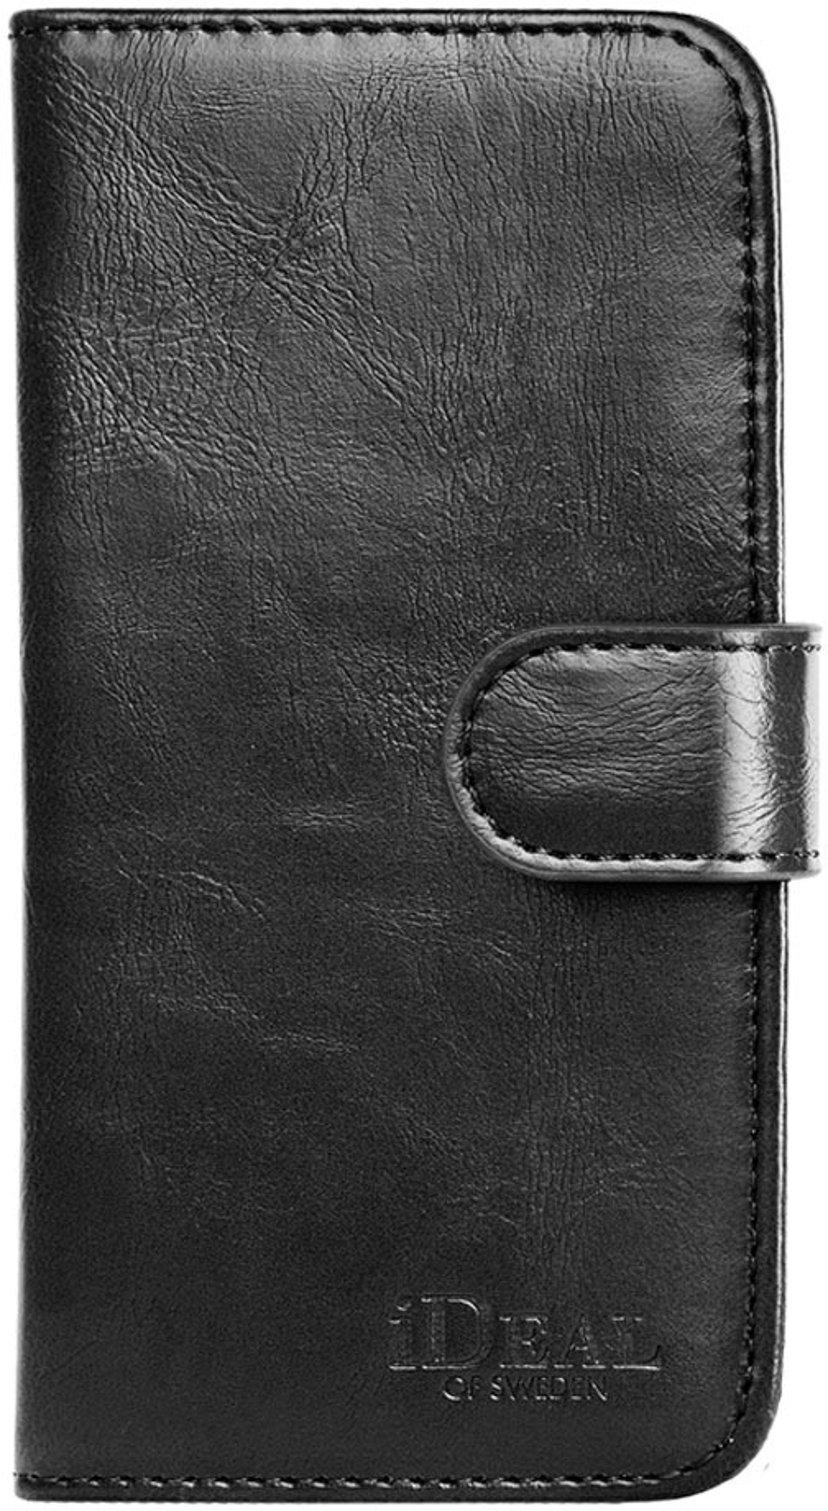 iDeal of Sweden Magnet Wallet+ Vikbart Fodral För Mobiltelefon iPhone 6/6s, iPhone 7, iPhone 8, iPhone SE (2020) Svart